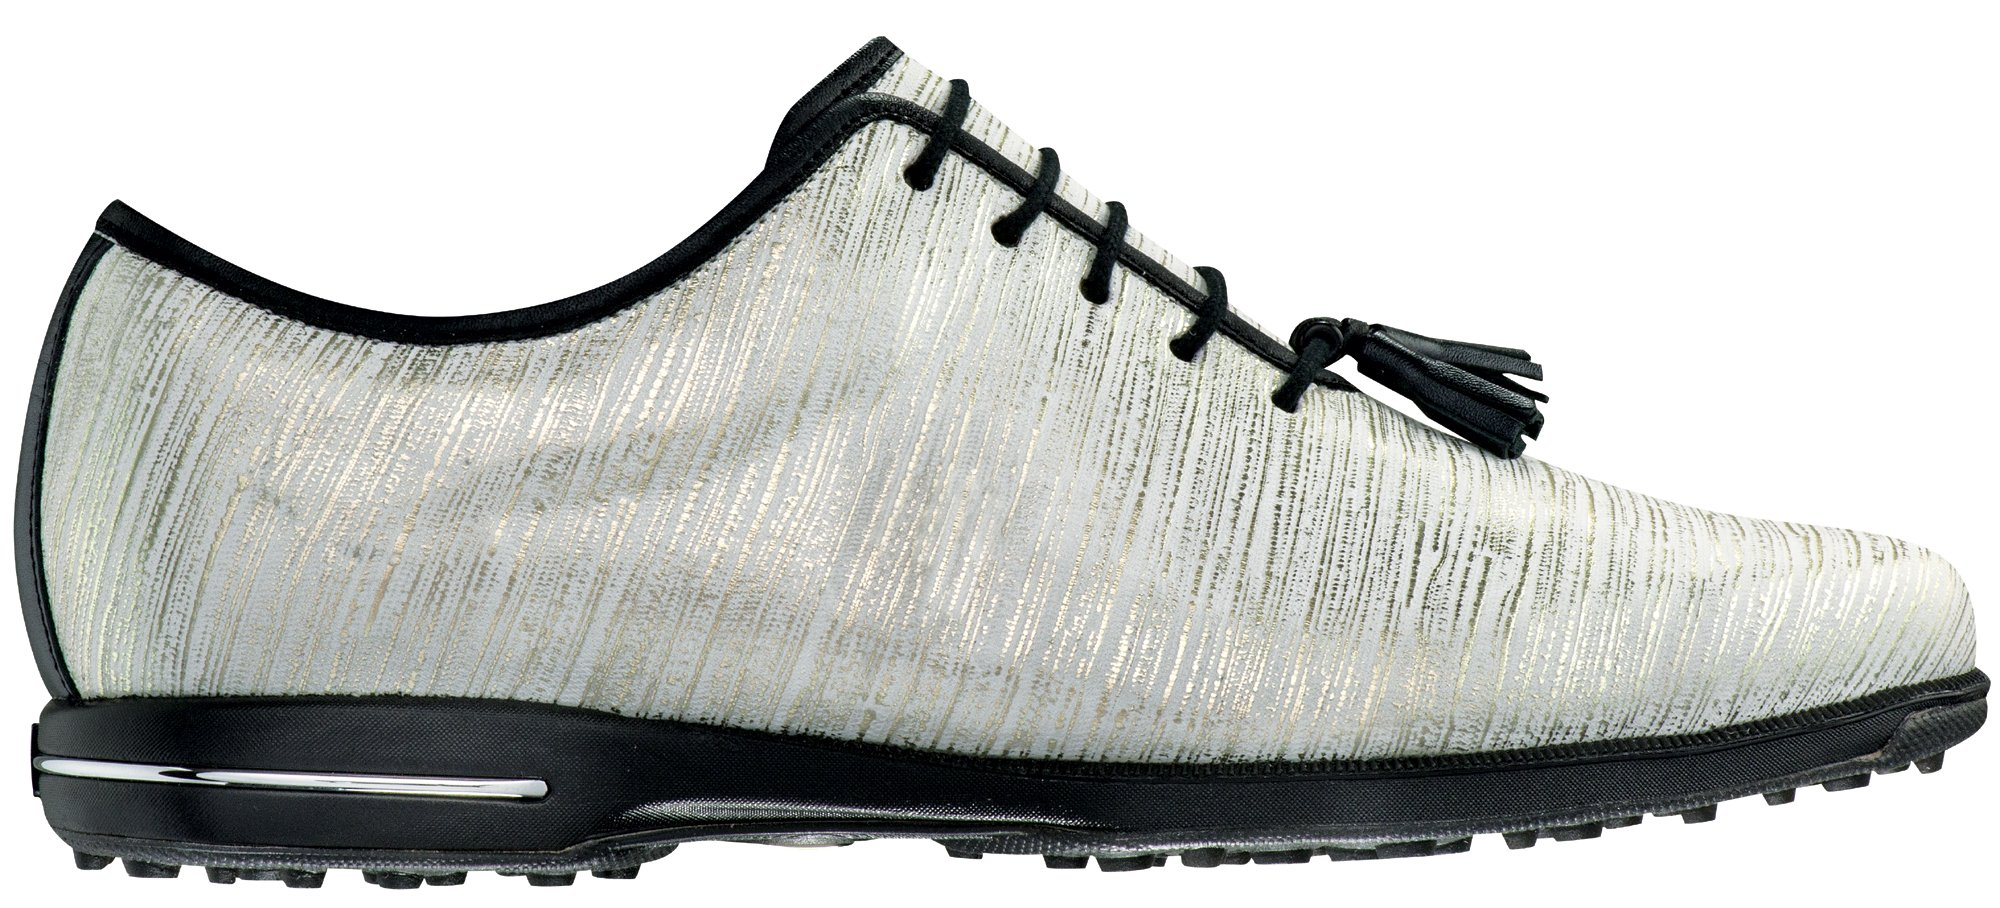 FootJoy Tailored Spikeless Golf Shoes CLOSEOUT Women Gold/White Linen Medium 7